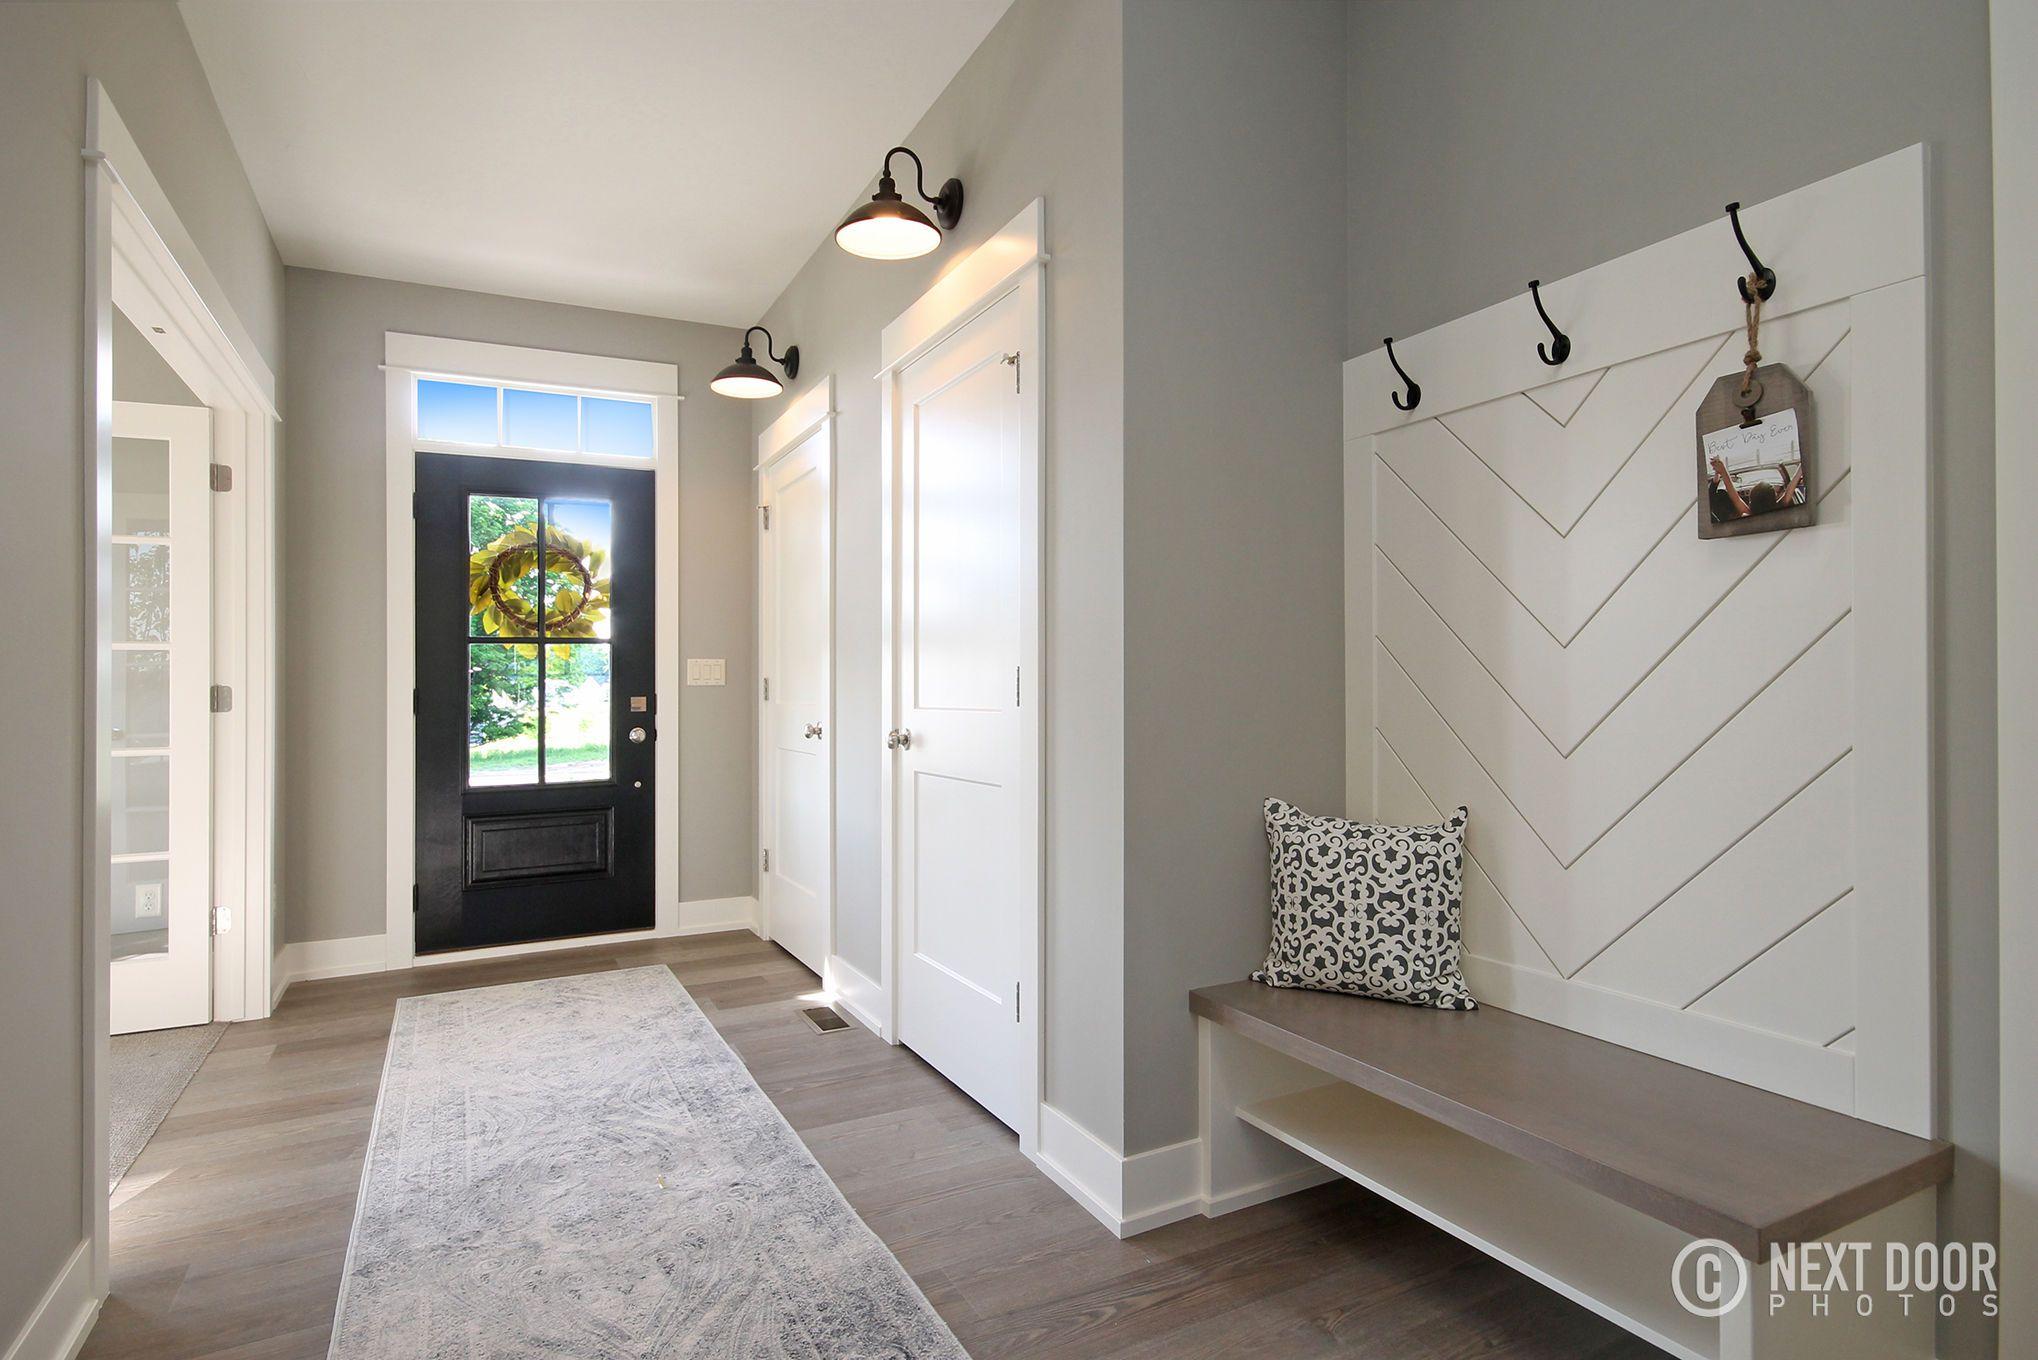 Luxury Vinyl Plank Throughout Main Floor, Black Painted Front Door,